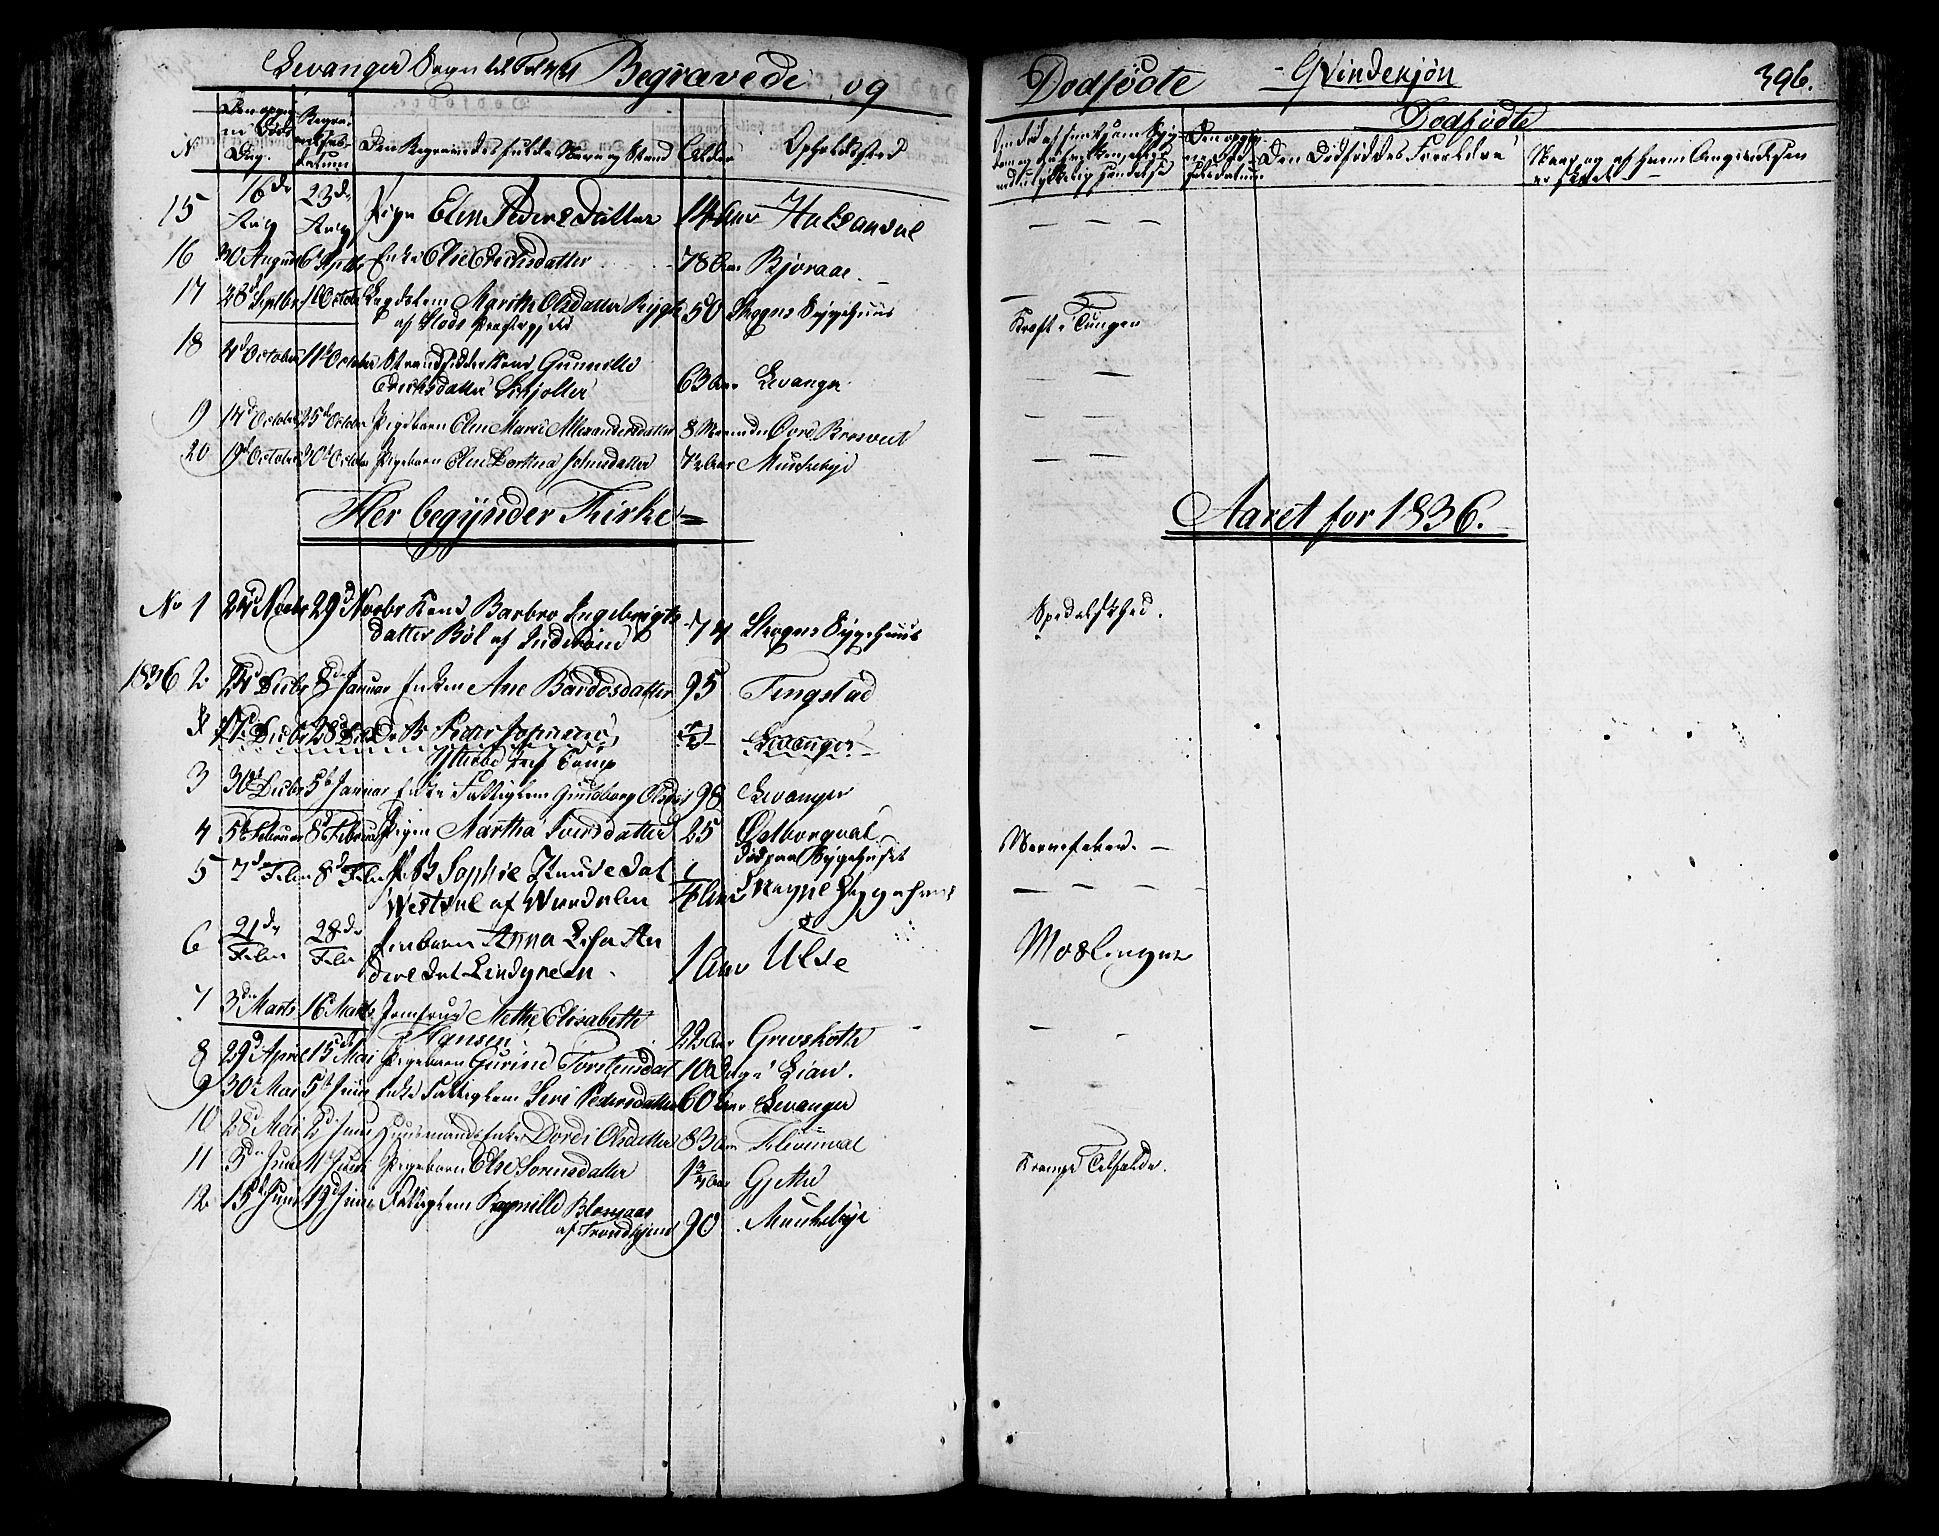 SAT, Ministerialprotokoller, klokkerbøker og fødselsregistre - Nord-Trøndelag, 717/L0152: Ministerialbok nr. 717A05 /3, 1828-1836, s. 396